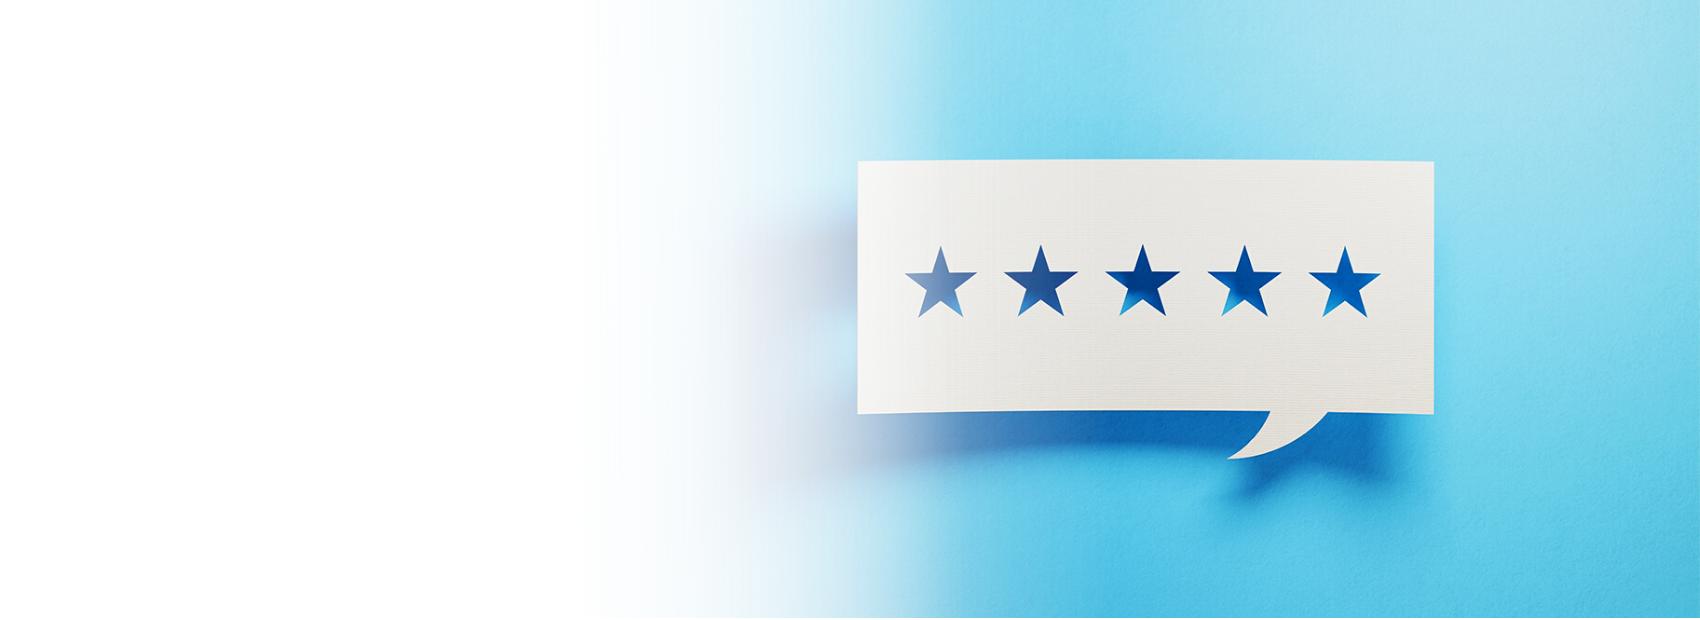 2 consigli per gestire le recensioni negative